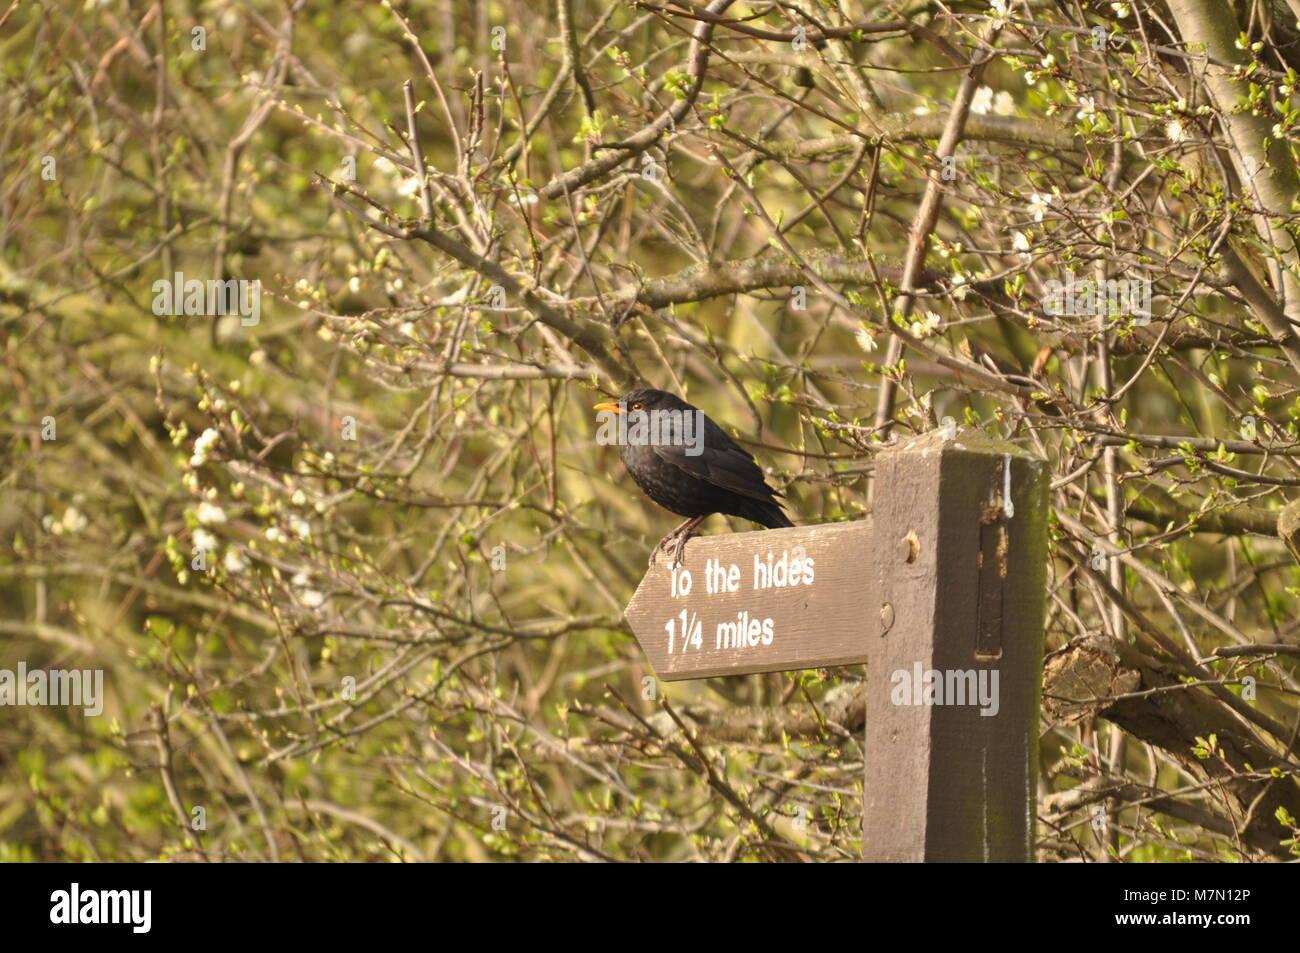 Gemeinsame Amsel (Turdus merula) bequem über ein auf die Häute Schild thront. Elmley Naturschutzgebiet, Stockbild